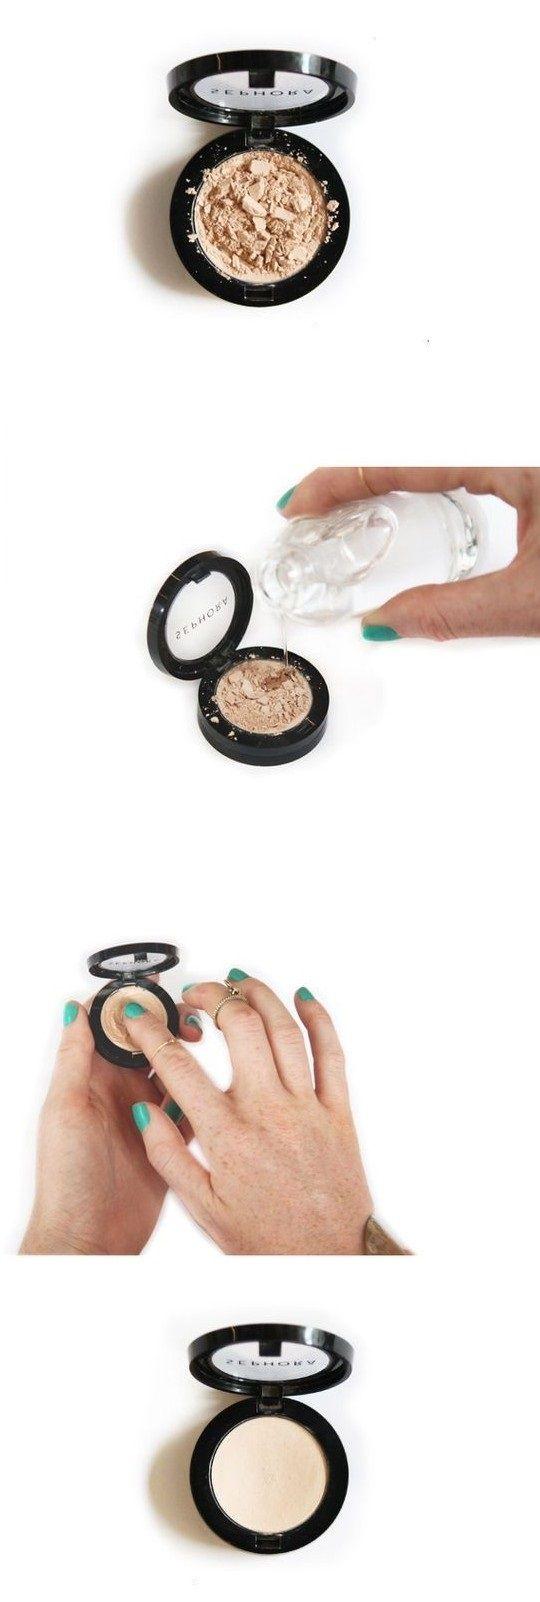 ¡No te deshagas de tu sombra favorita! Sigue estos sencillos pasos sobre cómo reparar maquillaje roto.